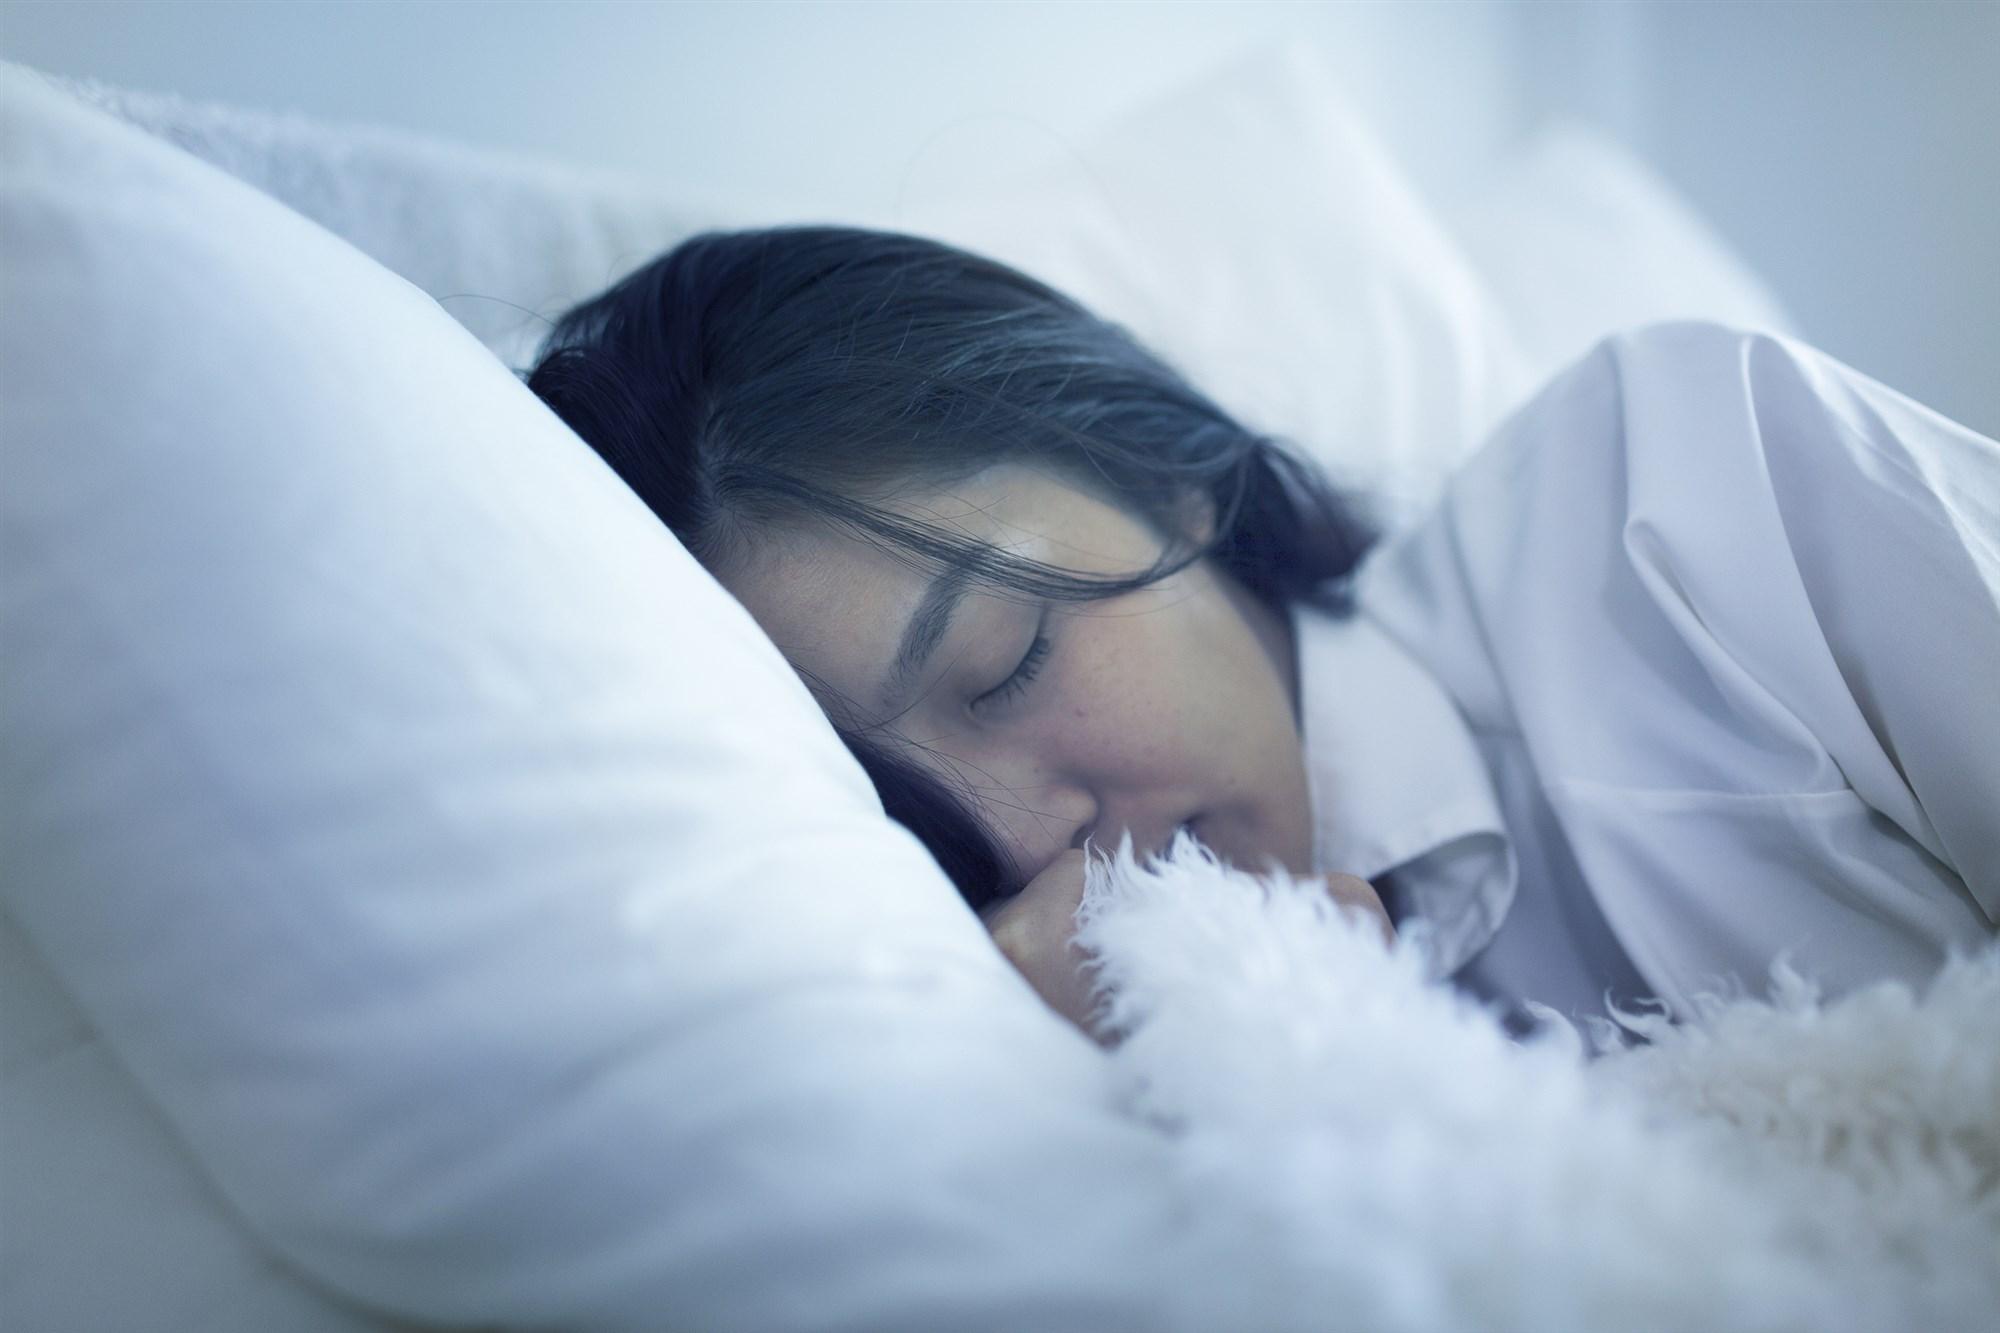 181229-sleeping-al-1019_385f3a213338552fe78a33ed6ebfe89c.fit-2000w.jpg